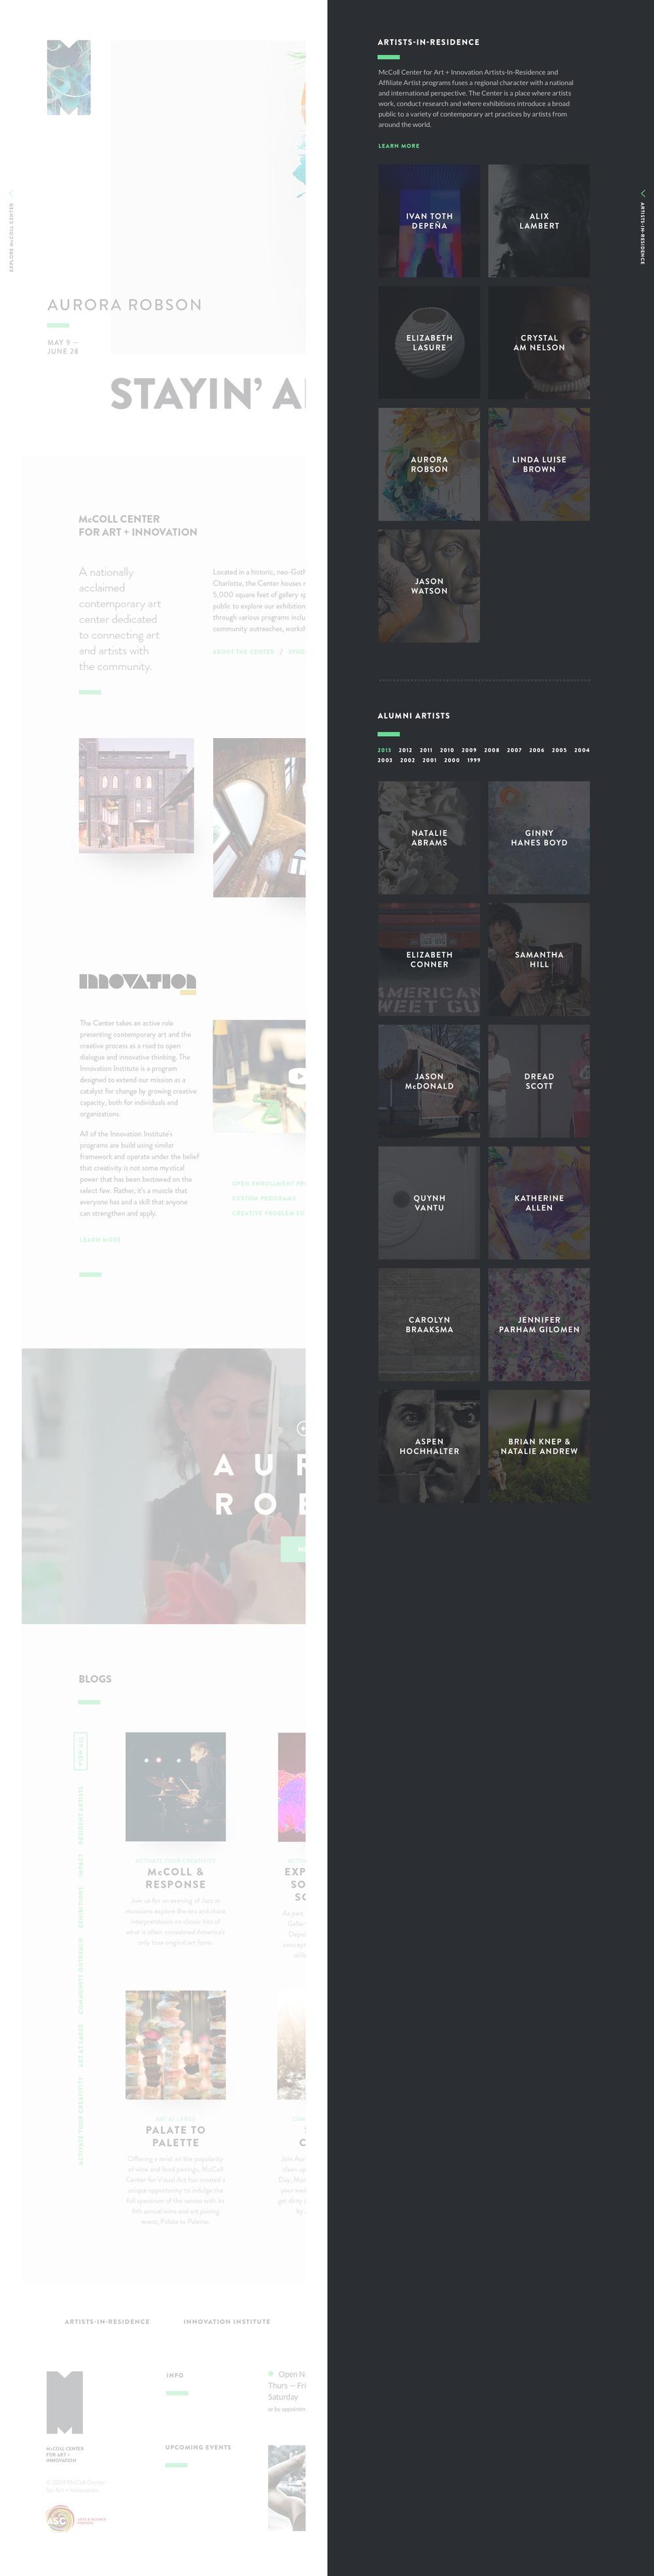 1.1-McColl-Homepage-ArtistsMenu.jpg